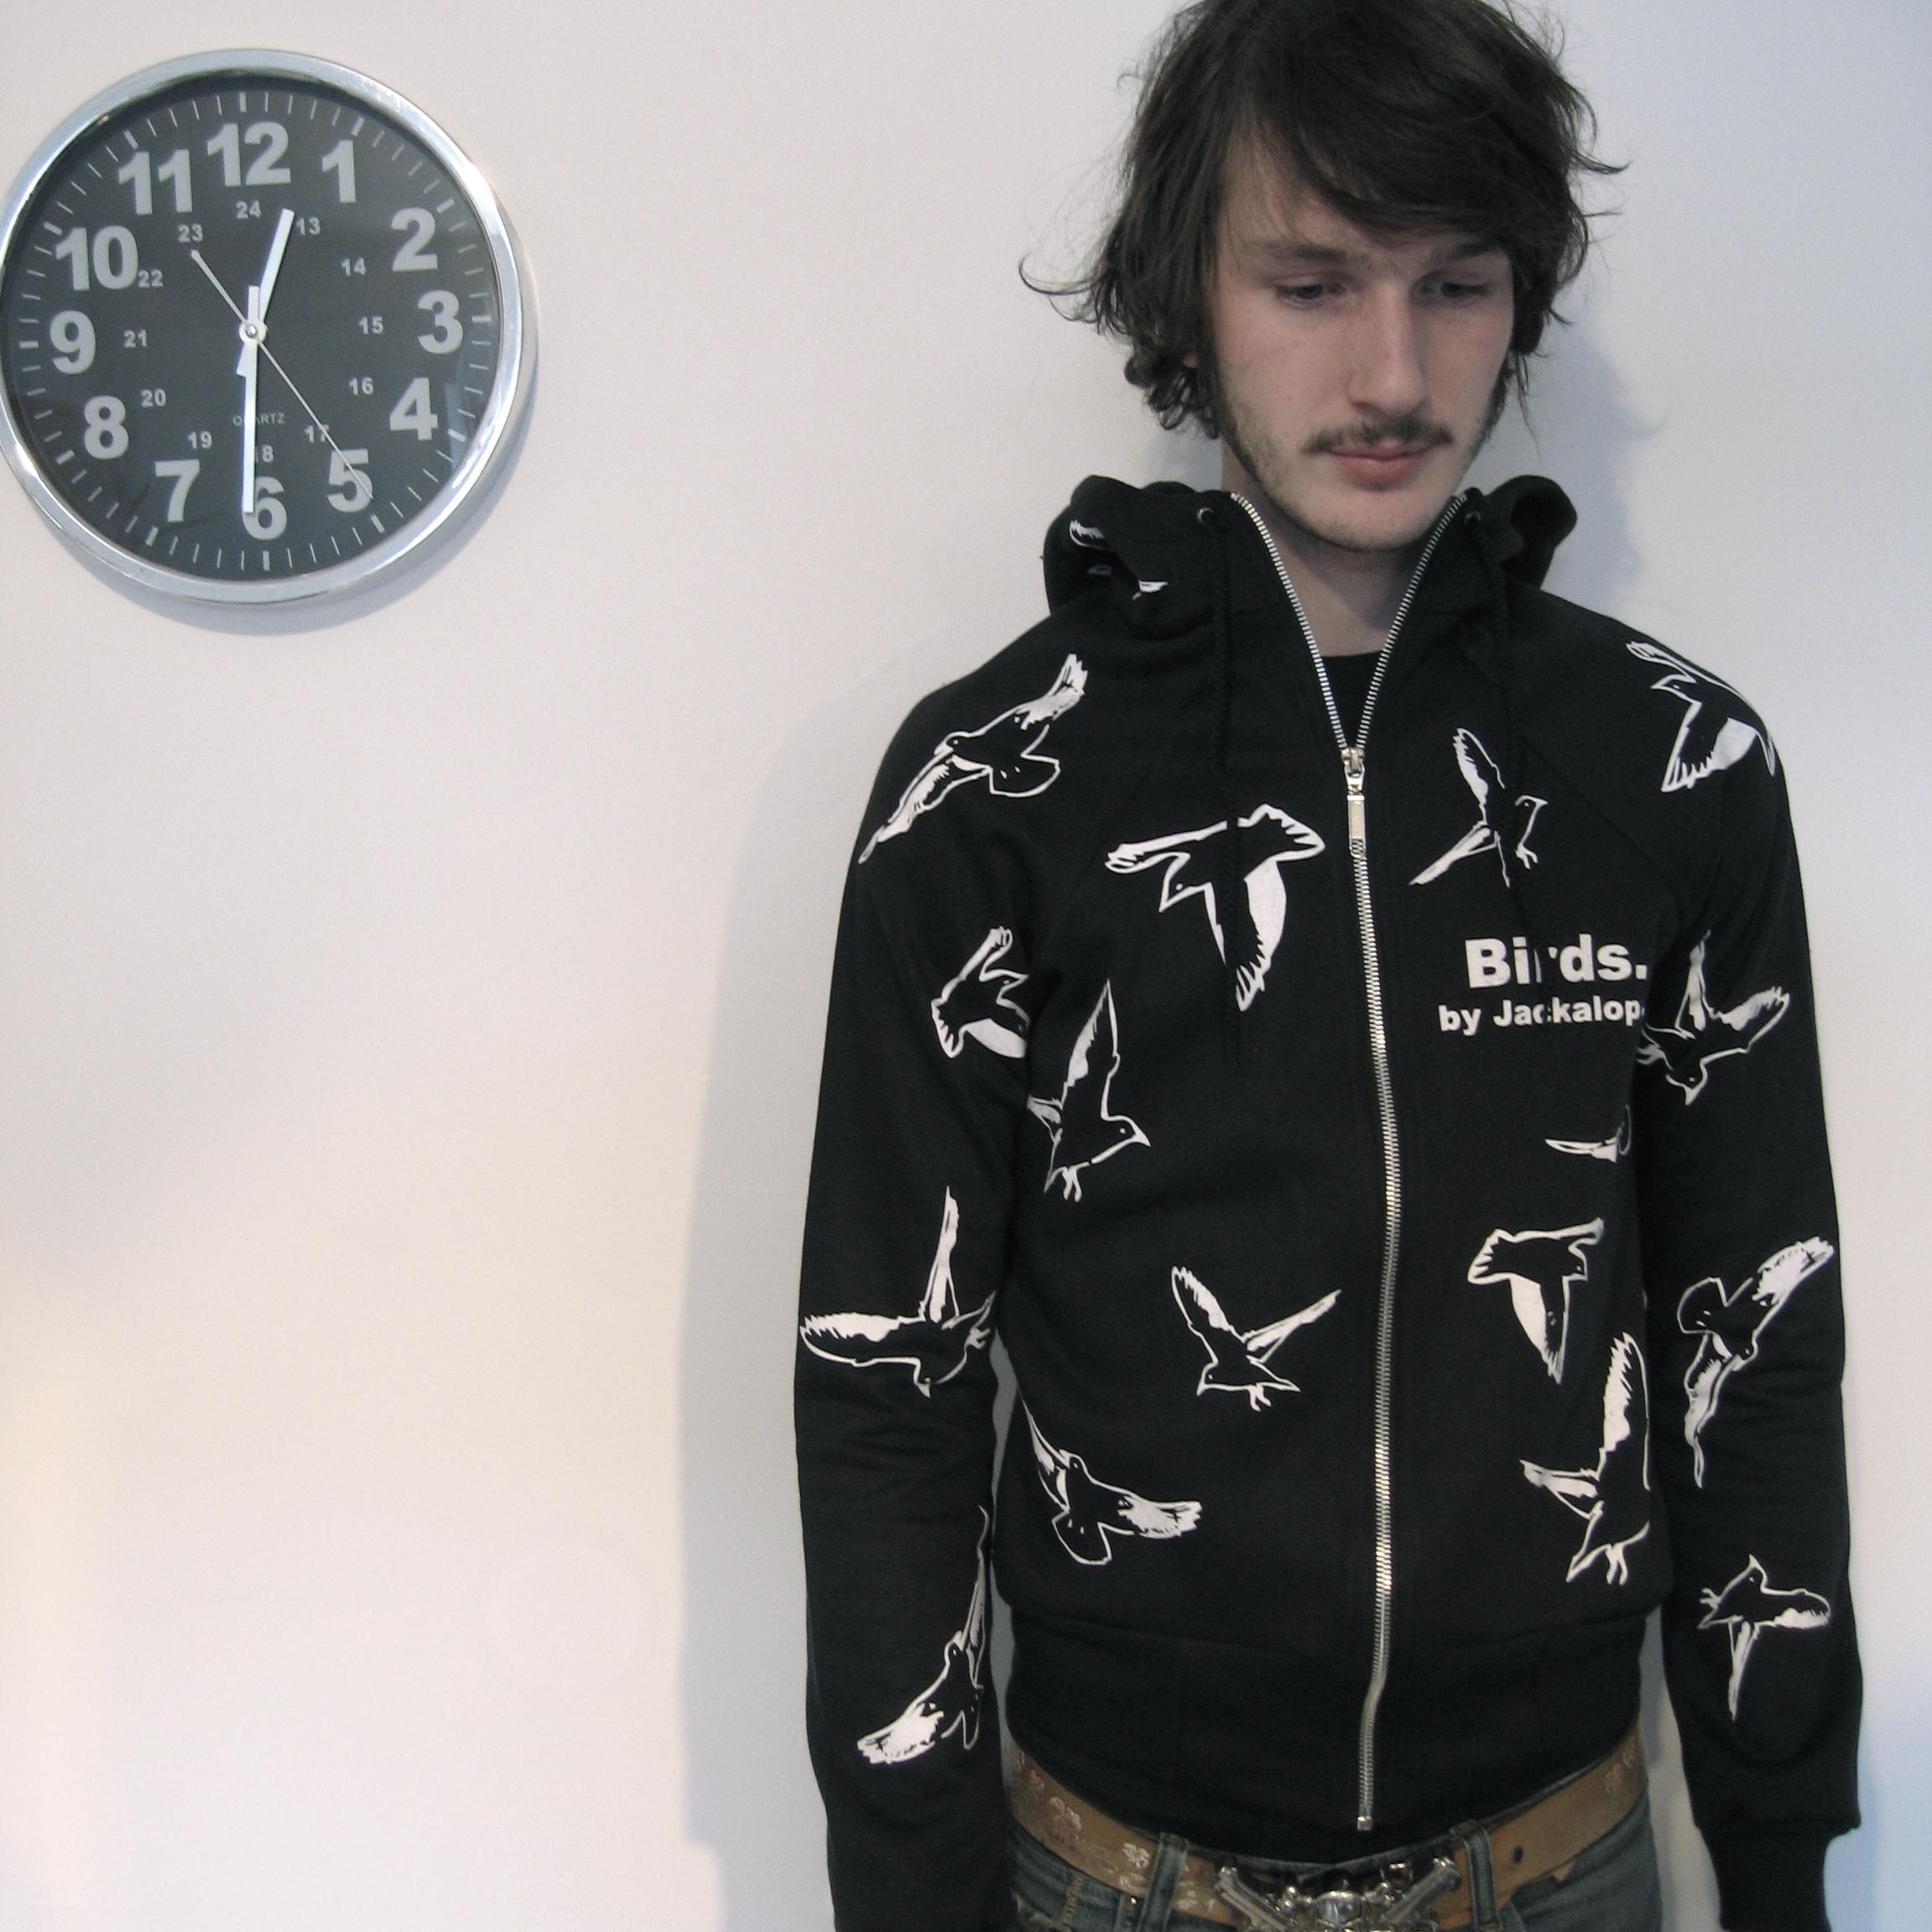 Birds by Jackalop. Veste à capuche  entièrement fabriquée au Québec  par Jackalop, à partir de  matériaux québécois , en  2007